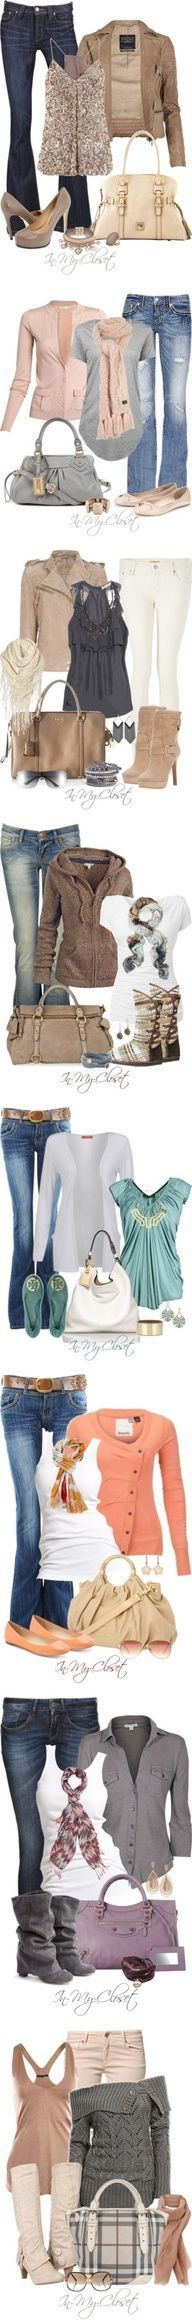 Super cute outfits